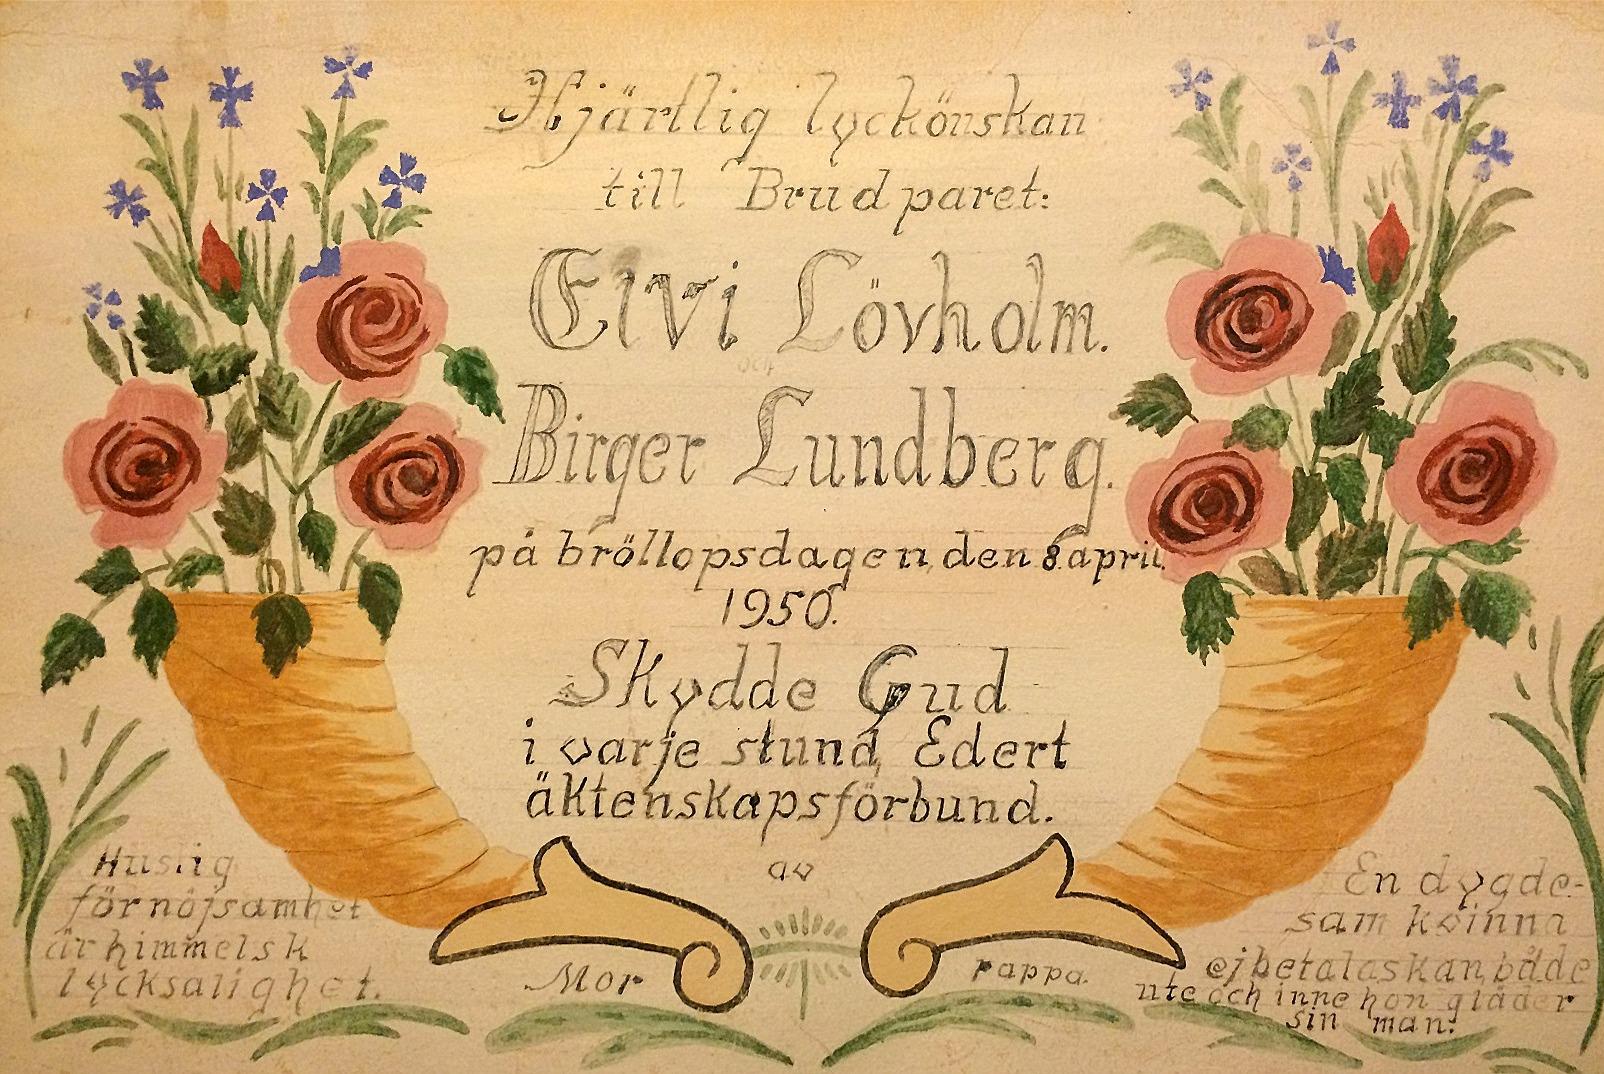 Arthur Lövholm hade konstnärliga talanger också, denna bröllopsgåva hade han gjort åt sin dotter och hennes man. I nedre hörnen hade Arthur skrivit in visdomsord åt de blivande makarna: -Huslig förnöjsamhet är himmelsk lycksalighet. -En dygdesam kvinna ej betalas kan, både ute och inne hon gläder sin man.